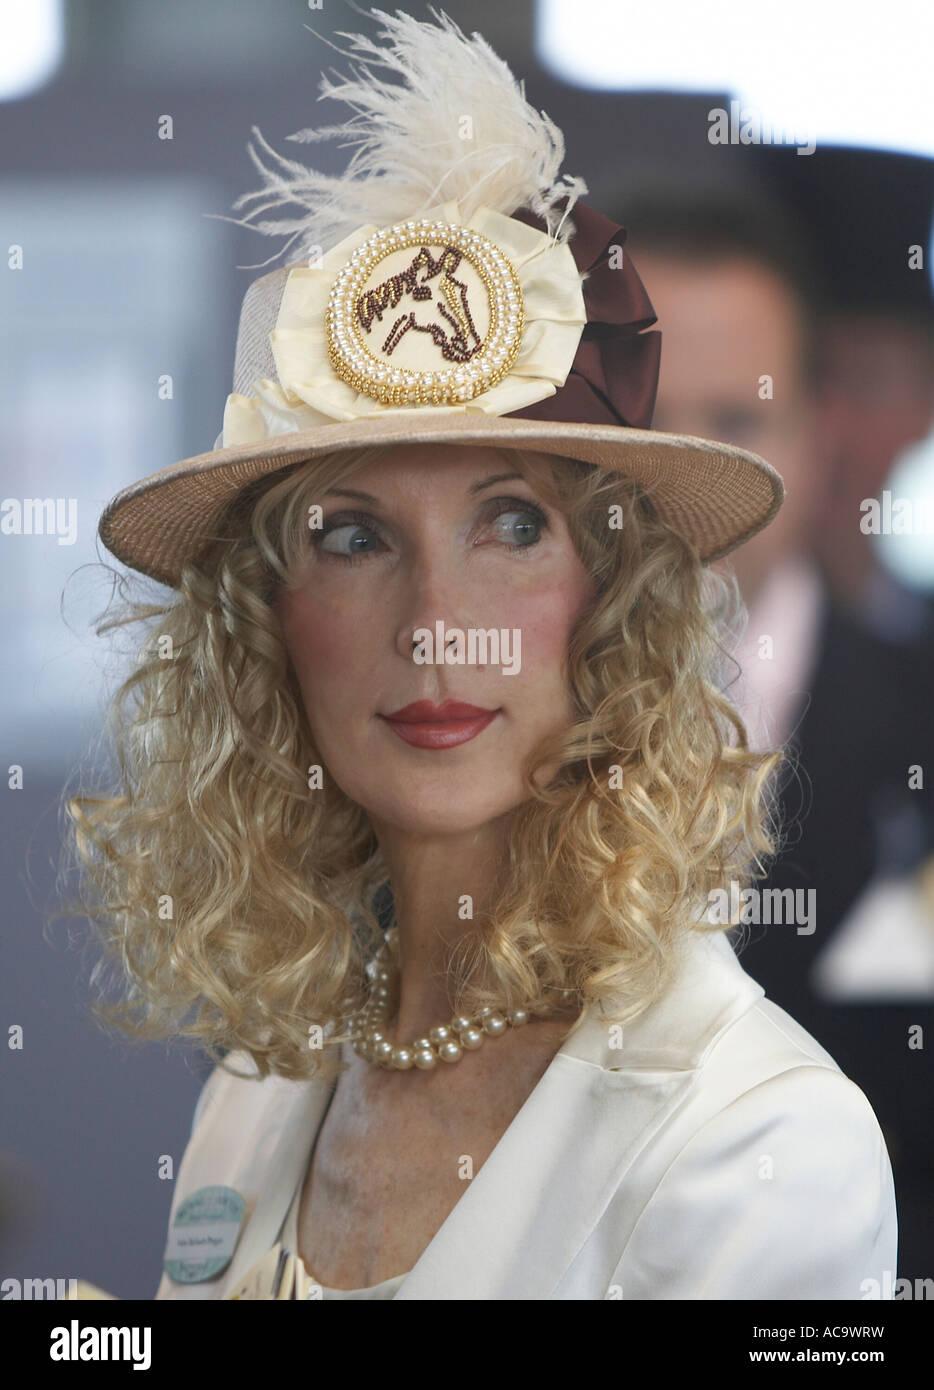 A horsey lady at Royal Ascot - Stock Image